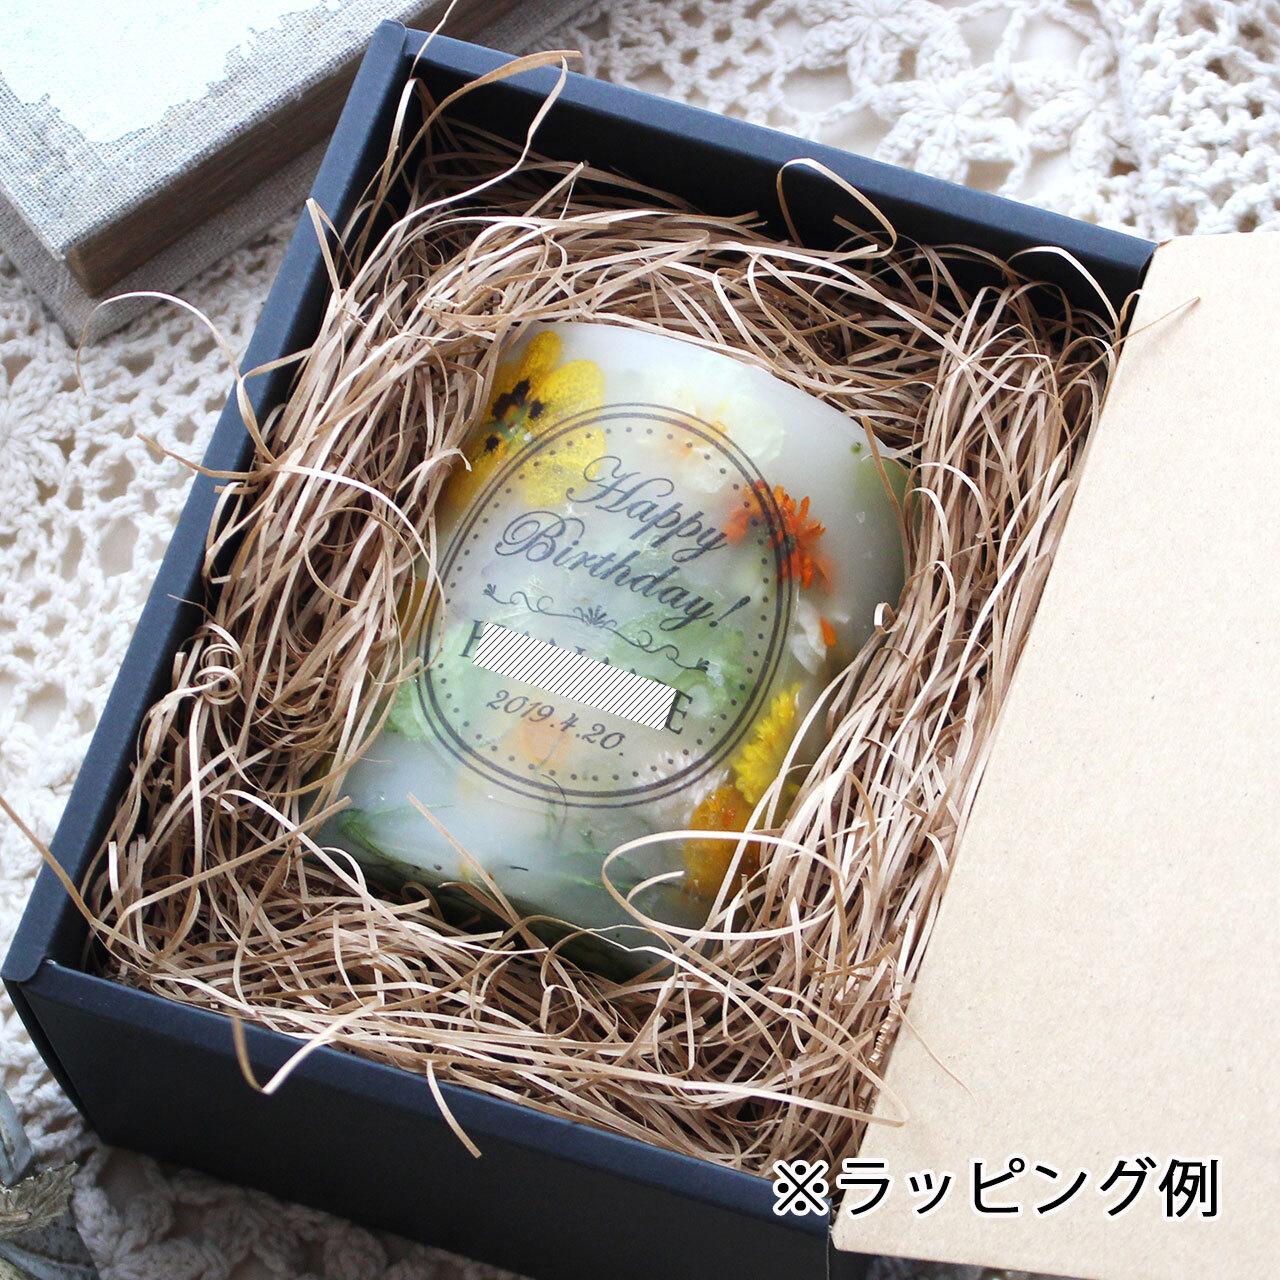 NC235 ギフトラッピング付き☆メッセージ&日付&名入れボタニカルキャンドル プリザーブドローズ